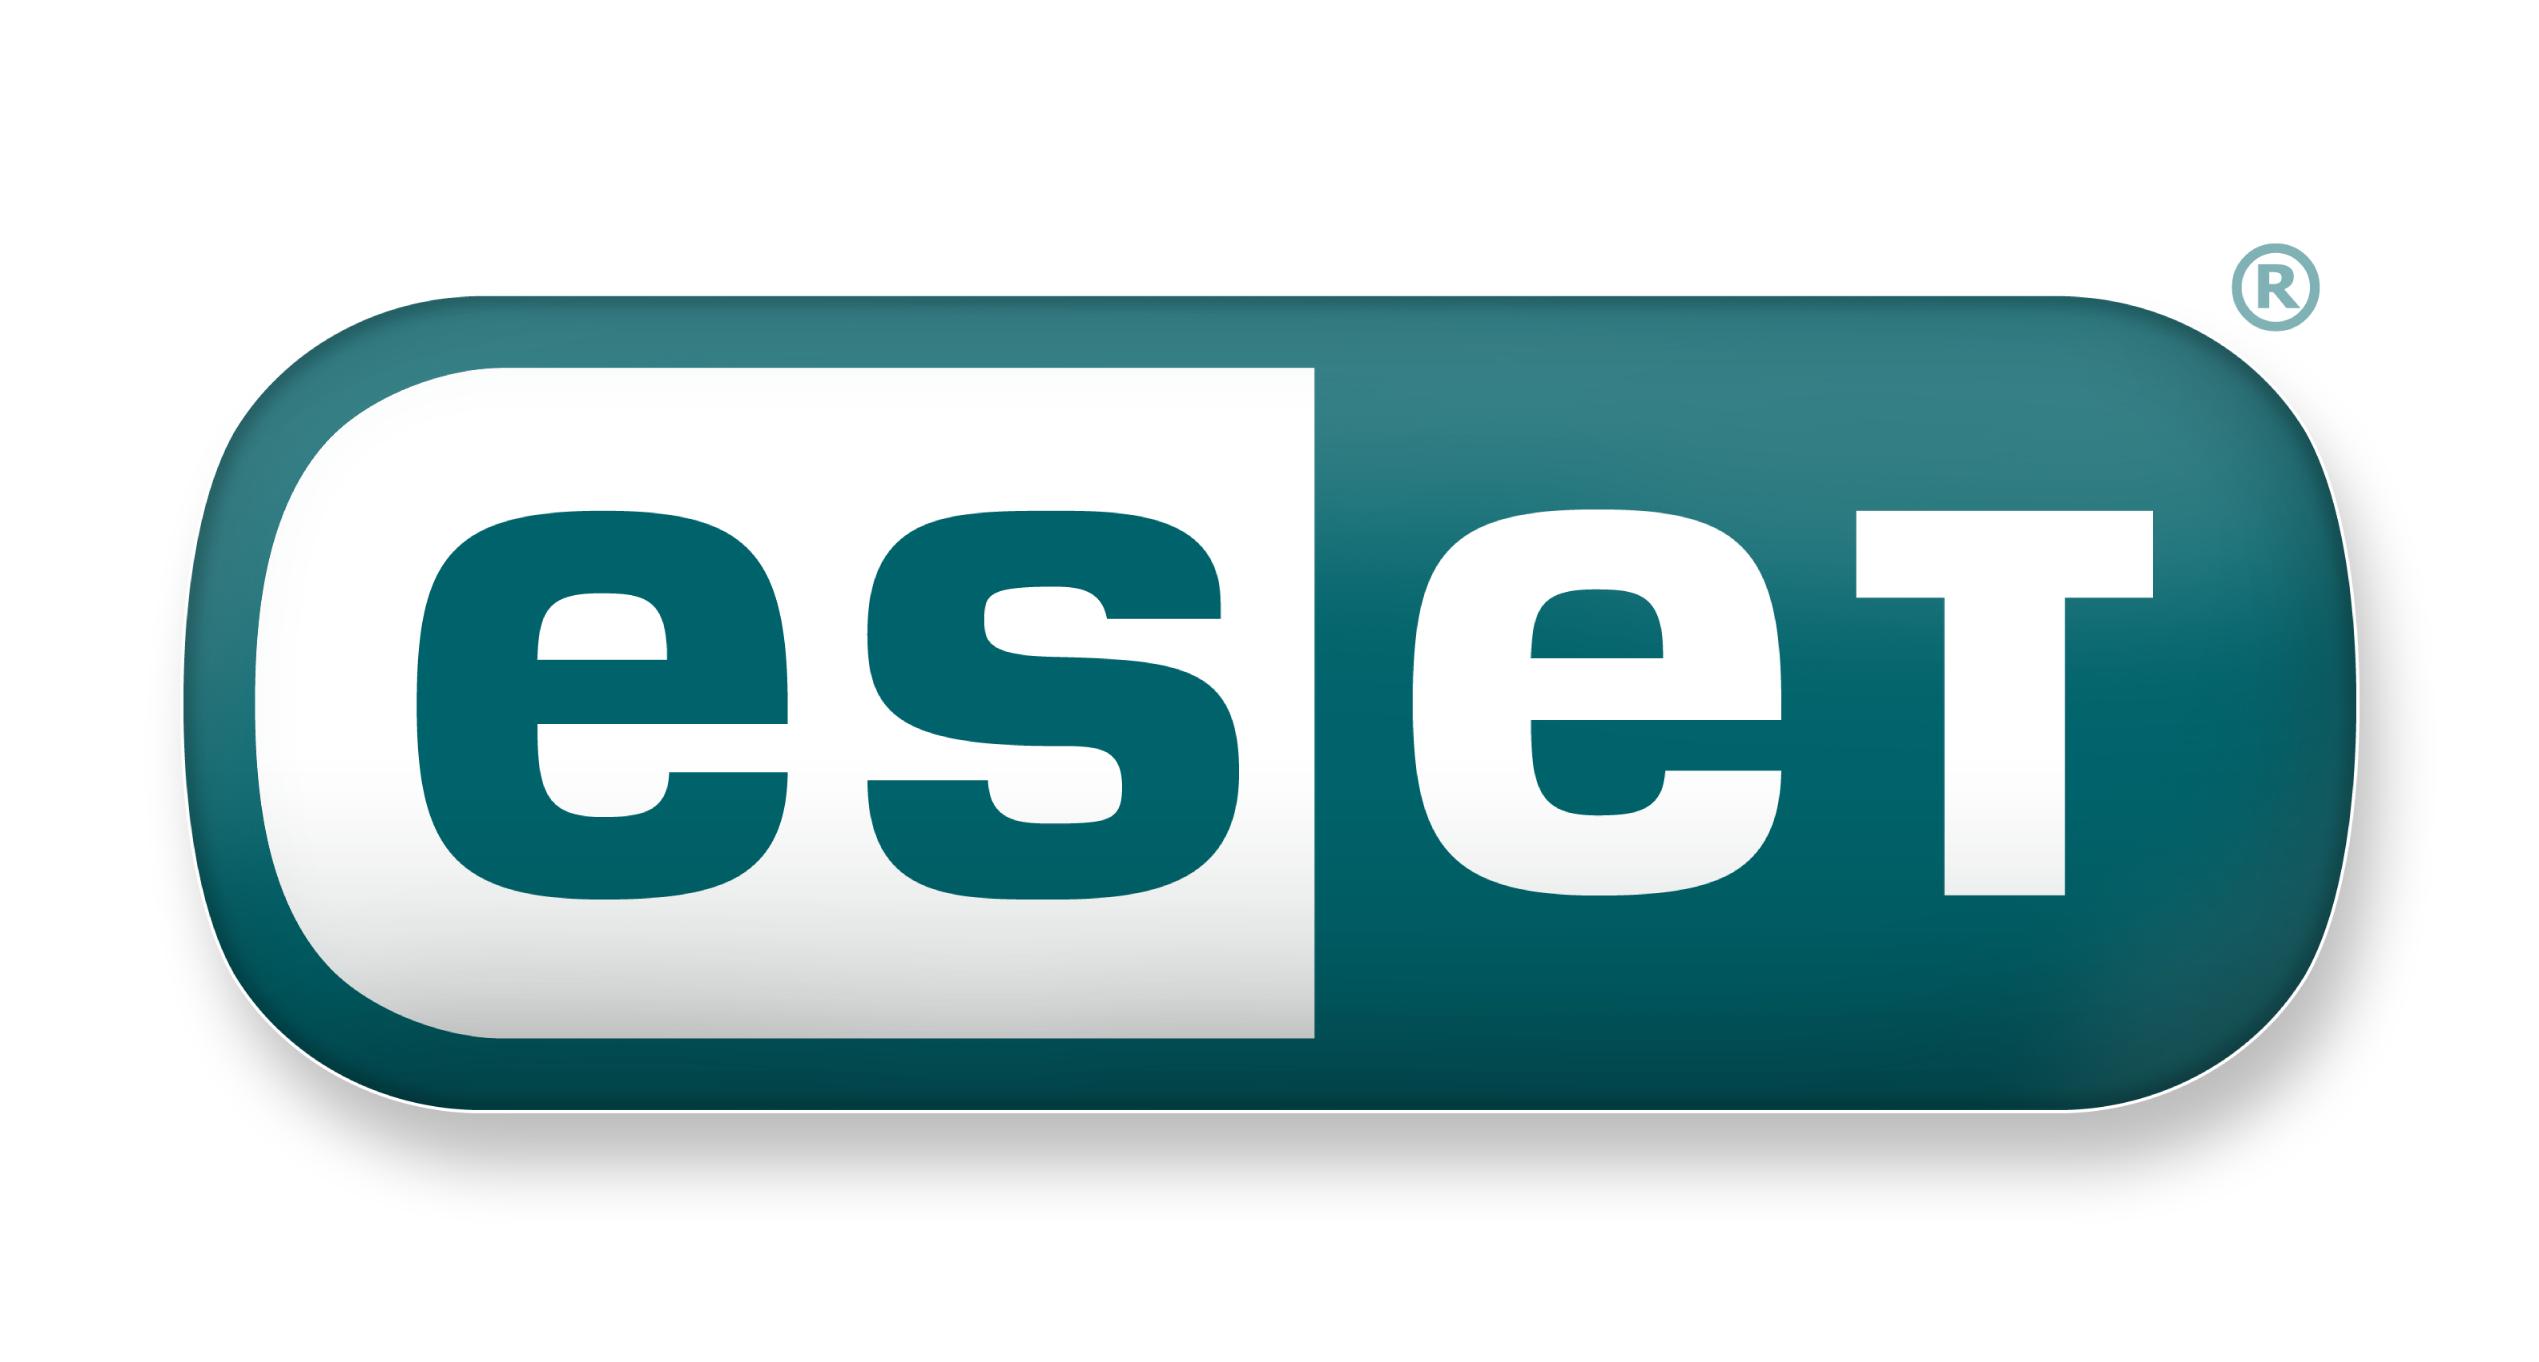 myce-eset-logo